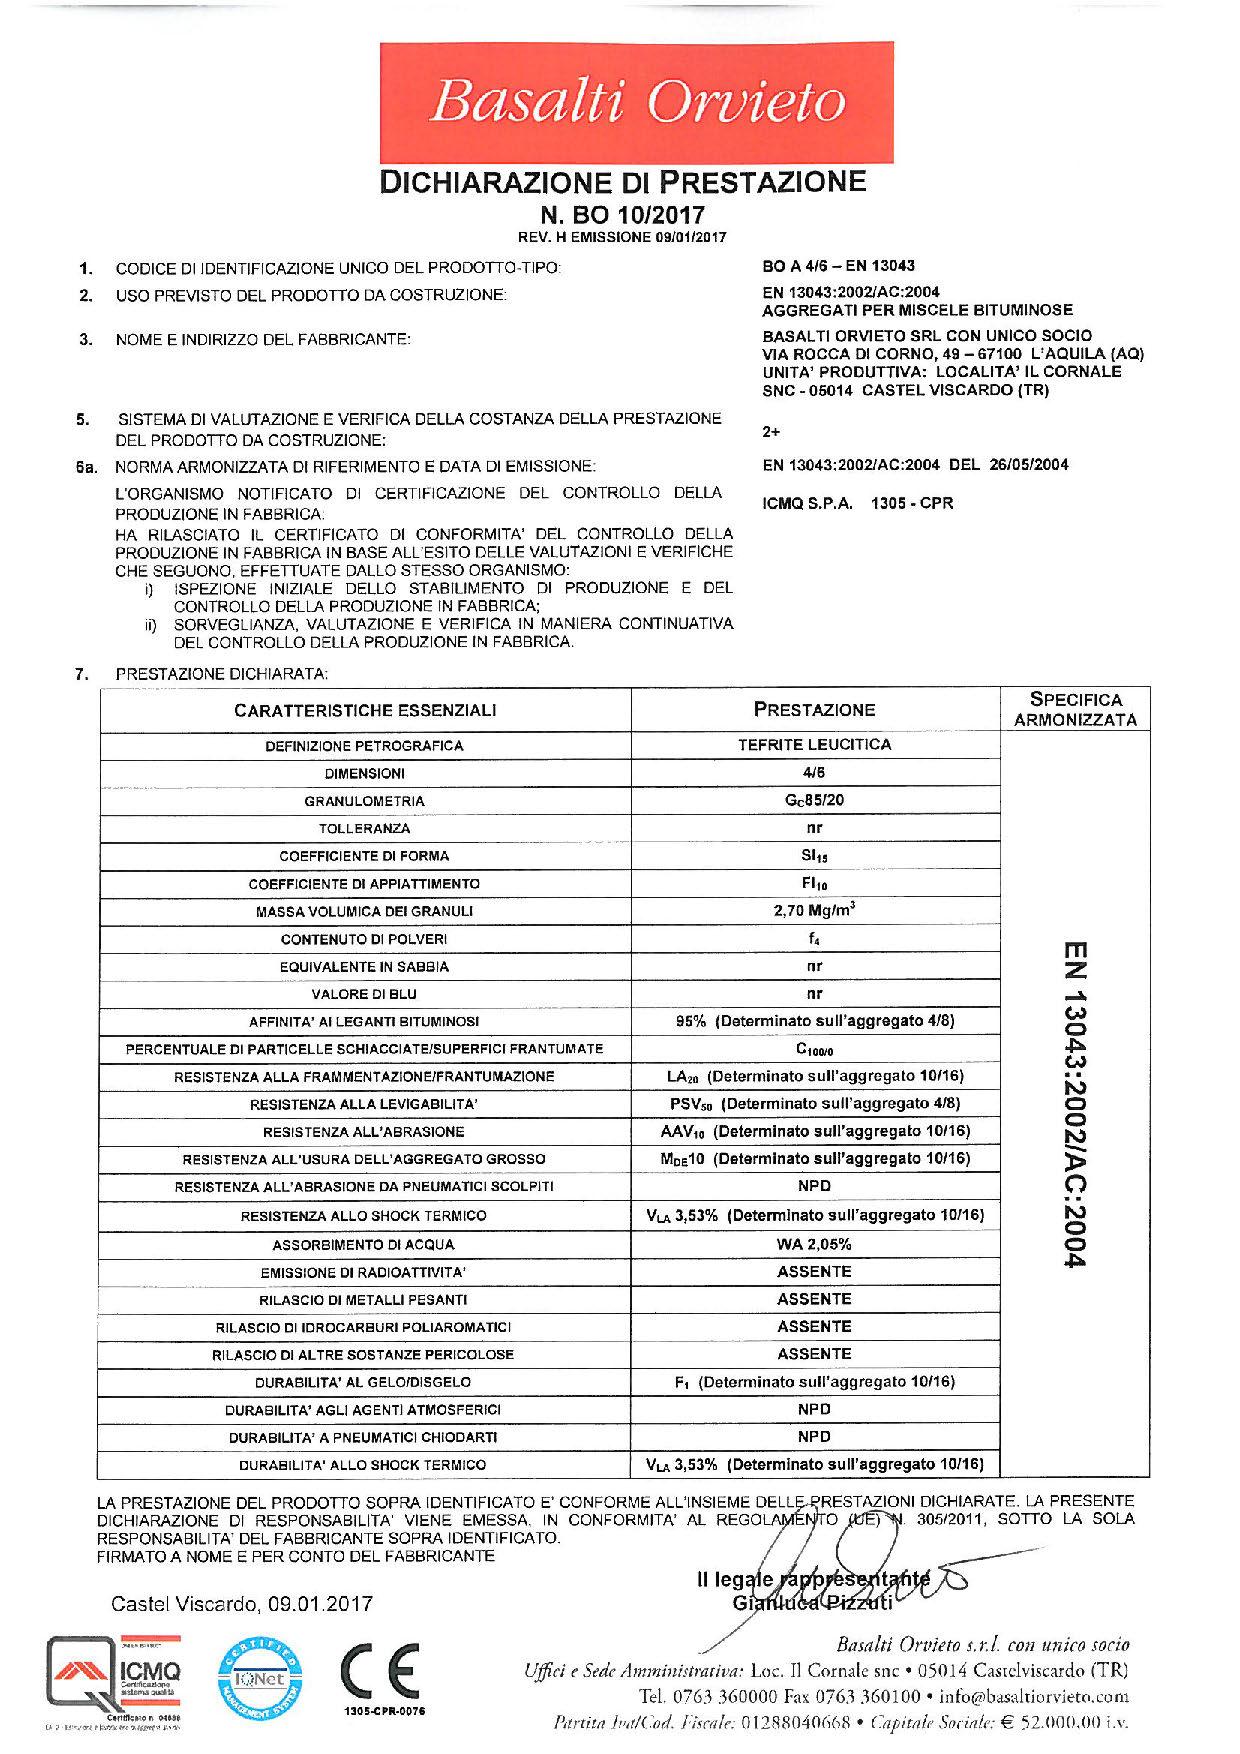 Asfalto_DoP 4-6 - EN 13043